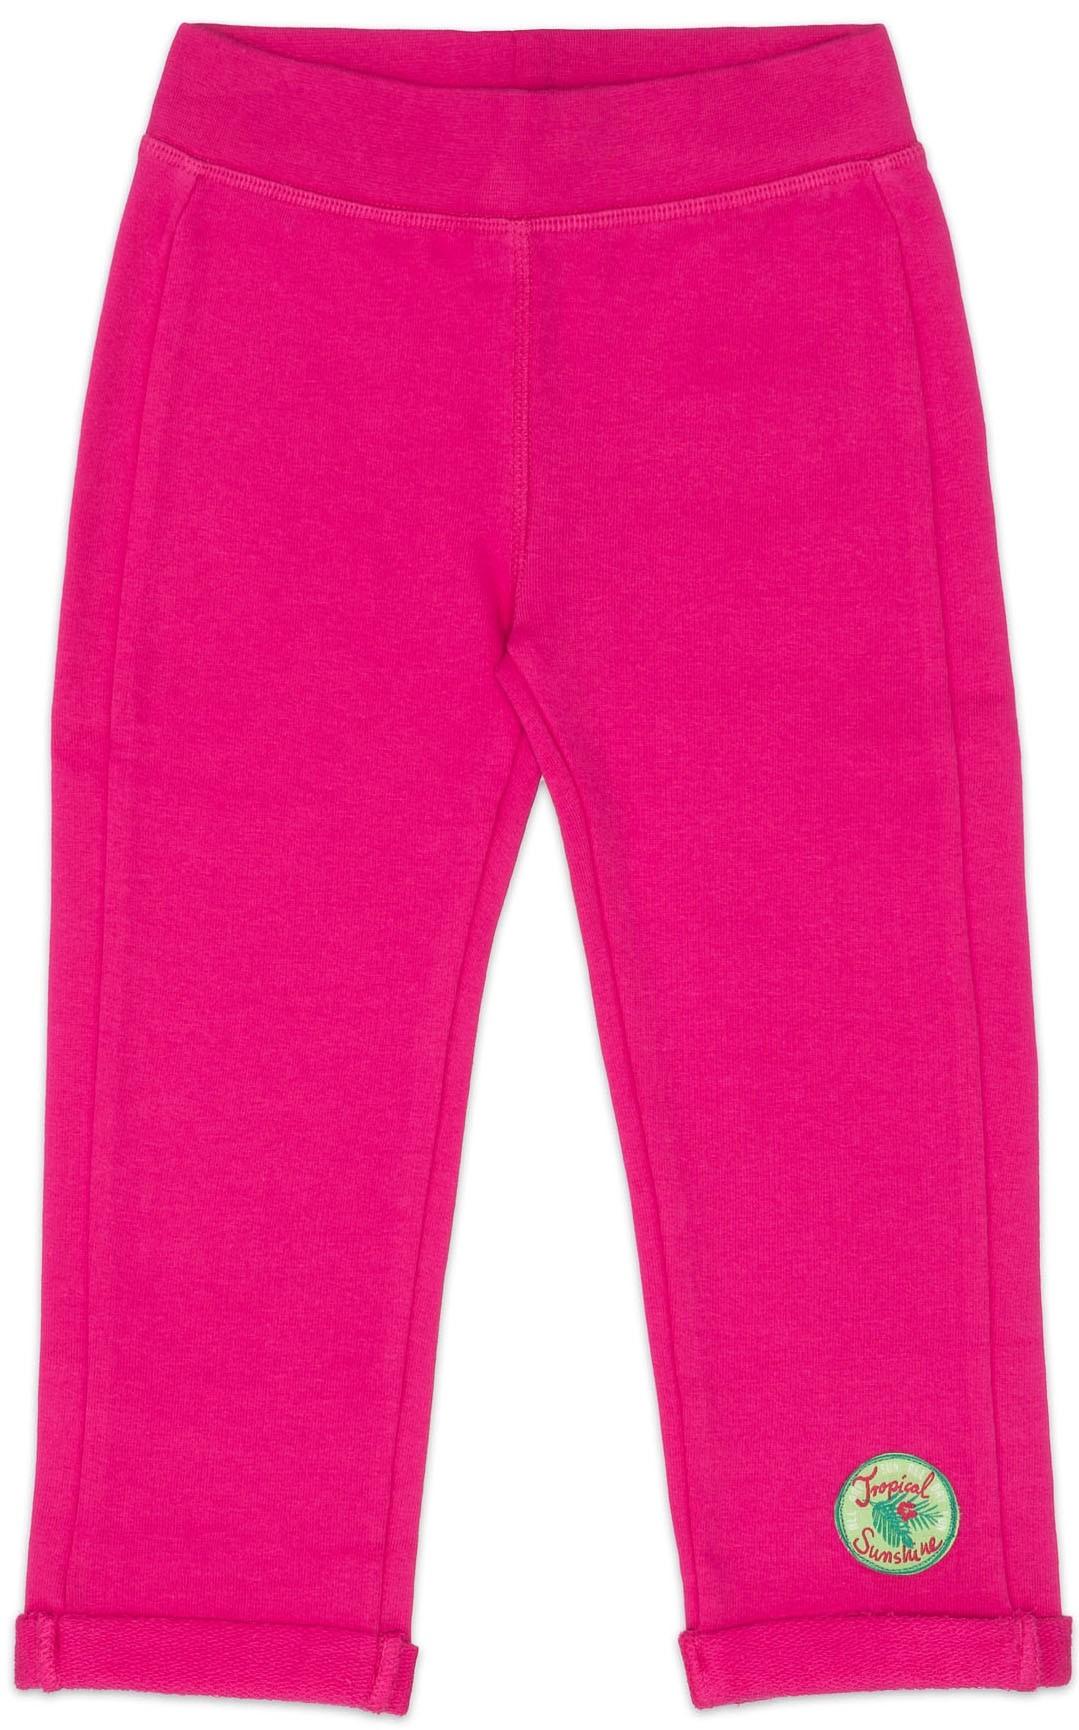 Купить Брюки трикотажные для девочки Barkito, Алоха Гавайи! , темно-розовые, Бангладеш, темно-розовый, Женский